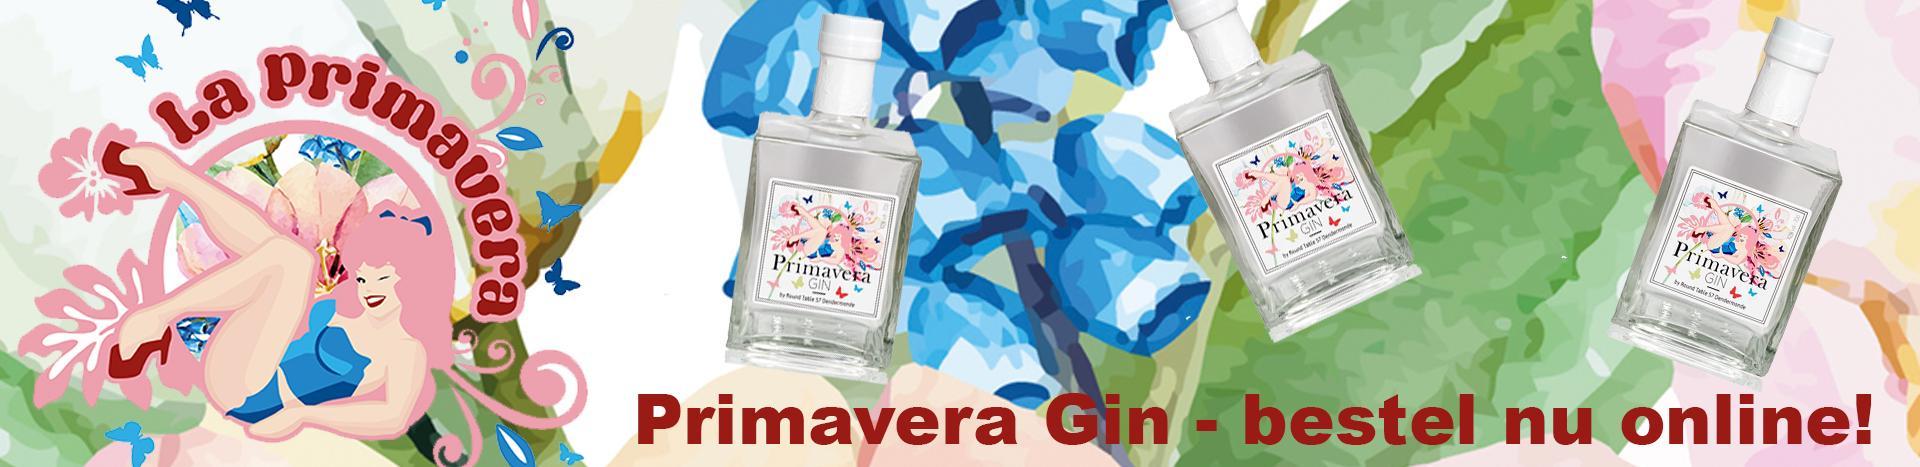 Gin banner